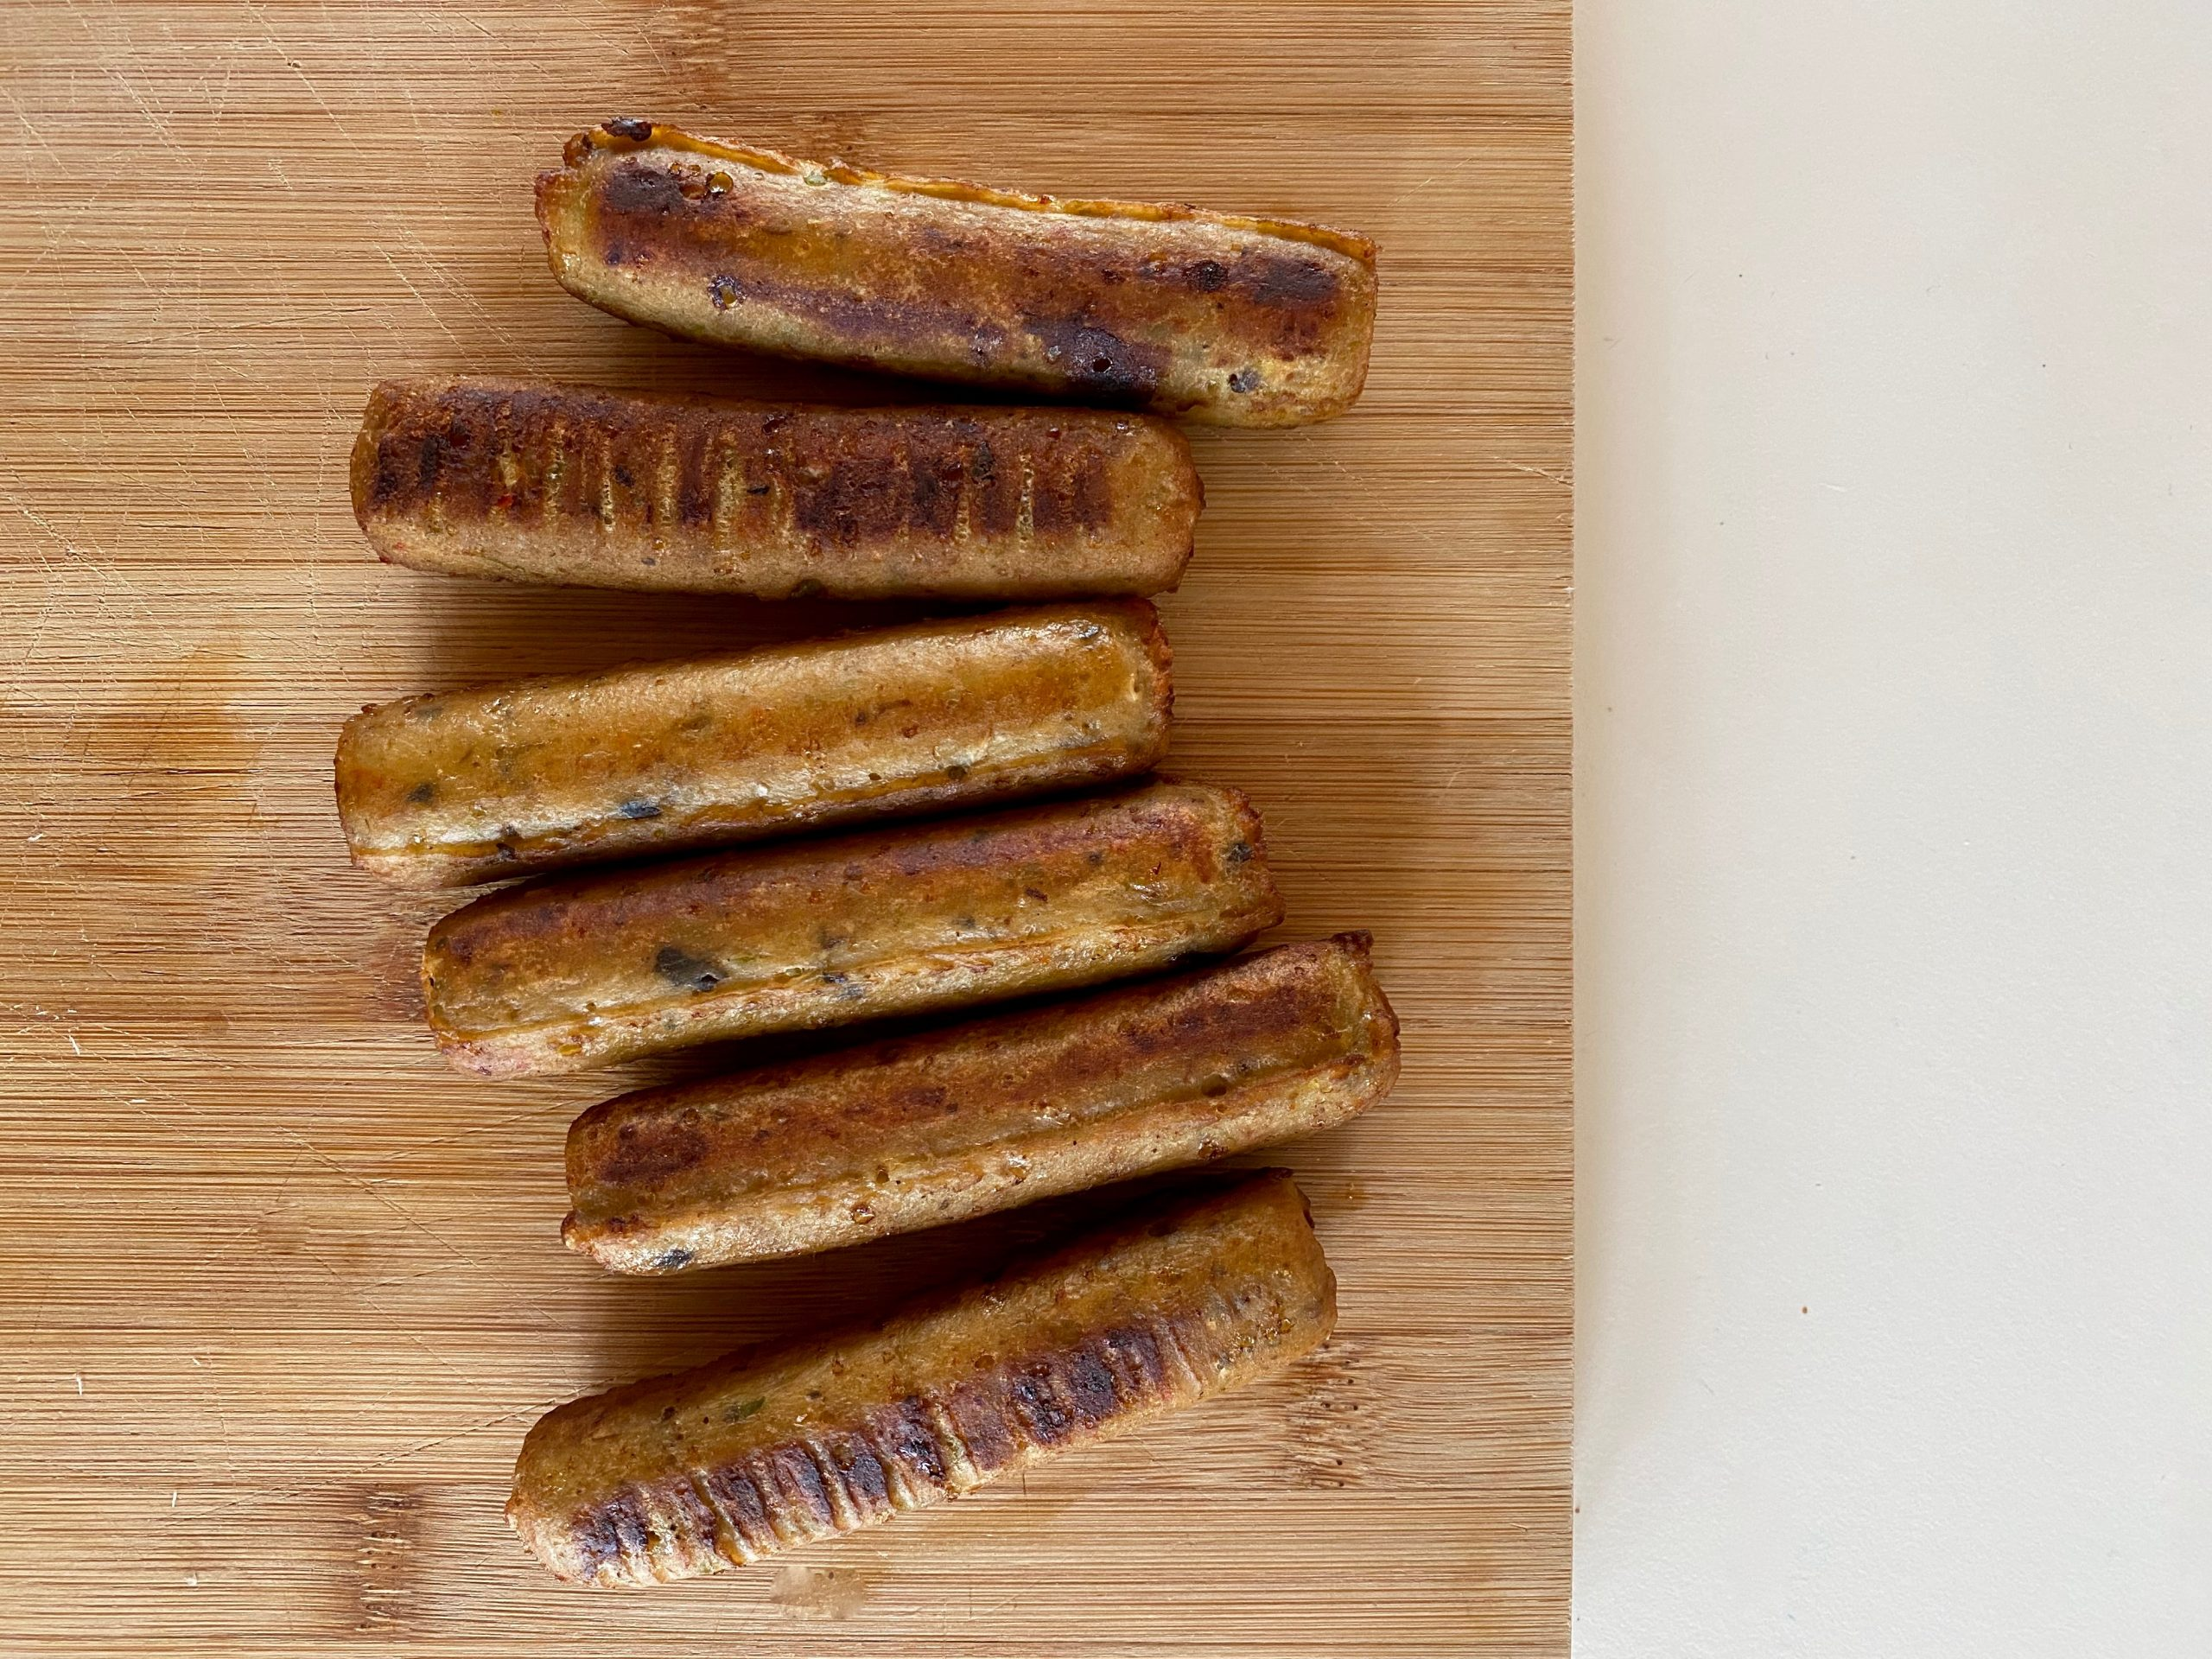 Vleesvervanger getest: Vedgy kitchen's frikandel en crispy asparagus burger